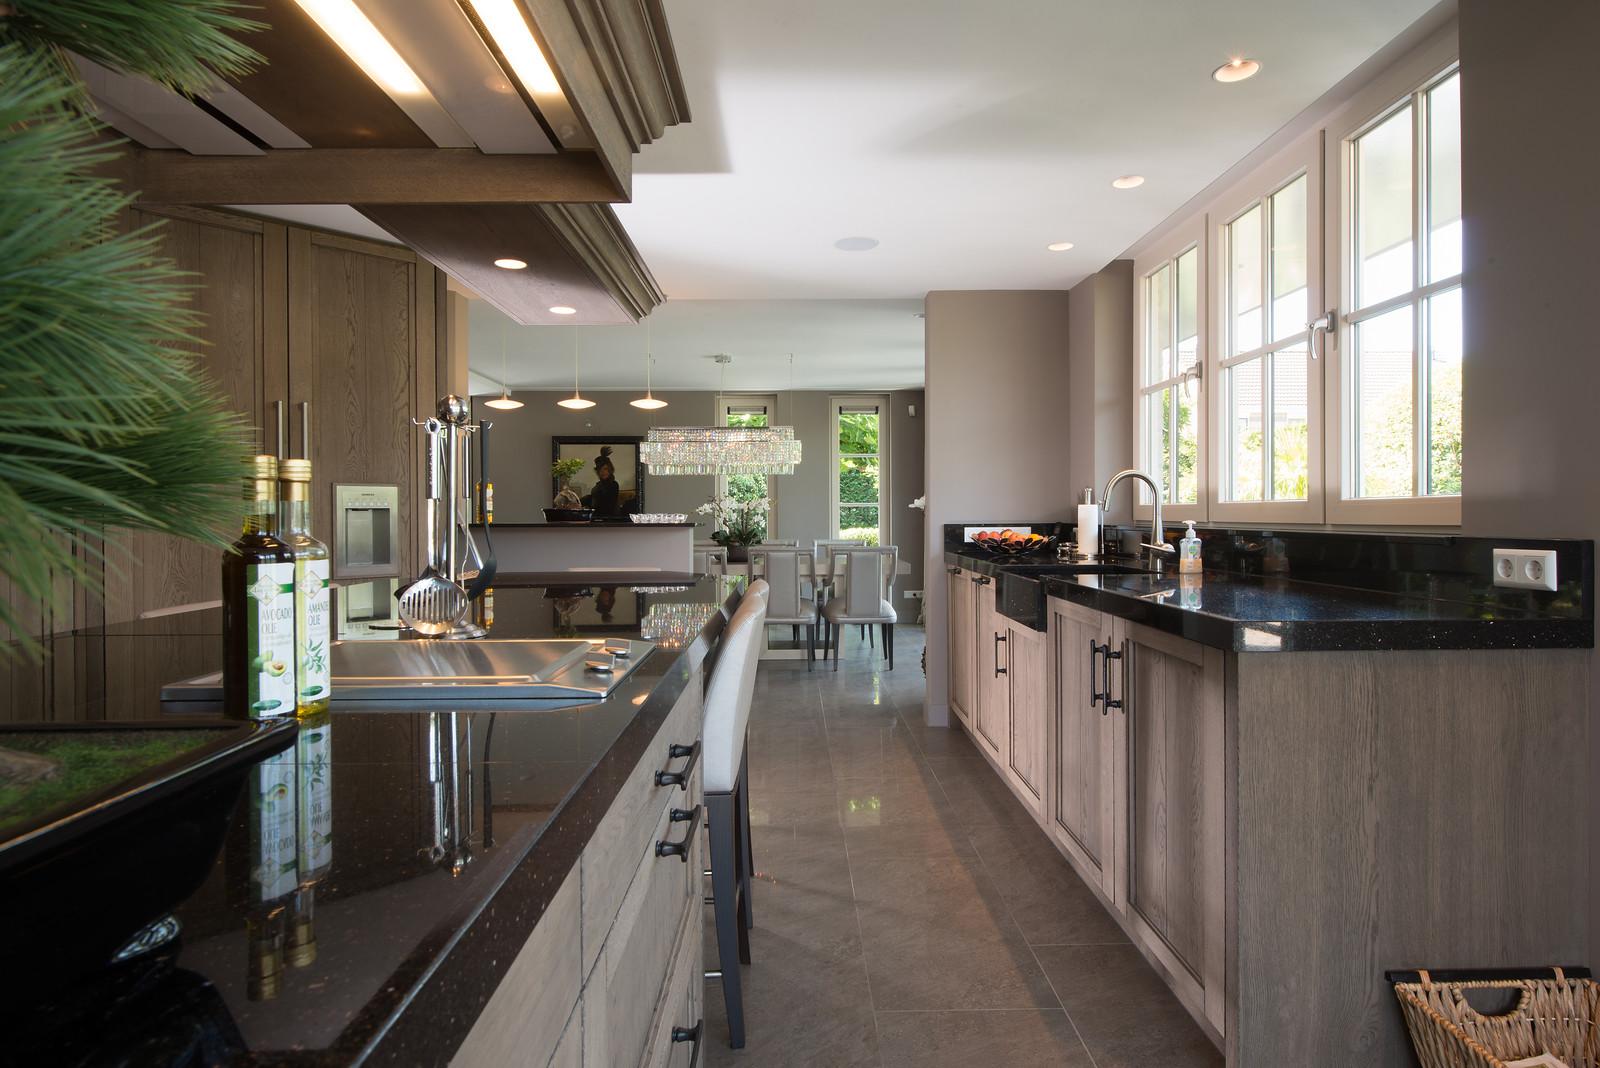 Keuken in landelijke stijl van Tieleman Keukens